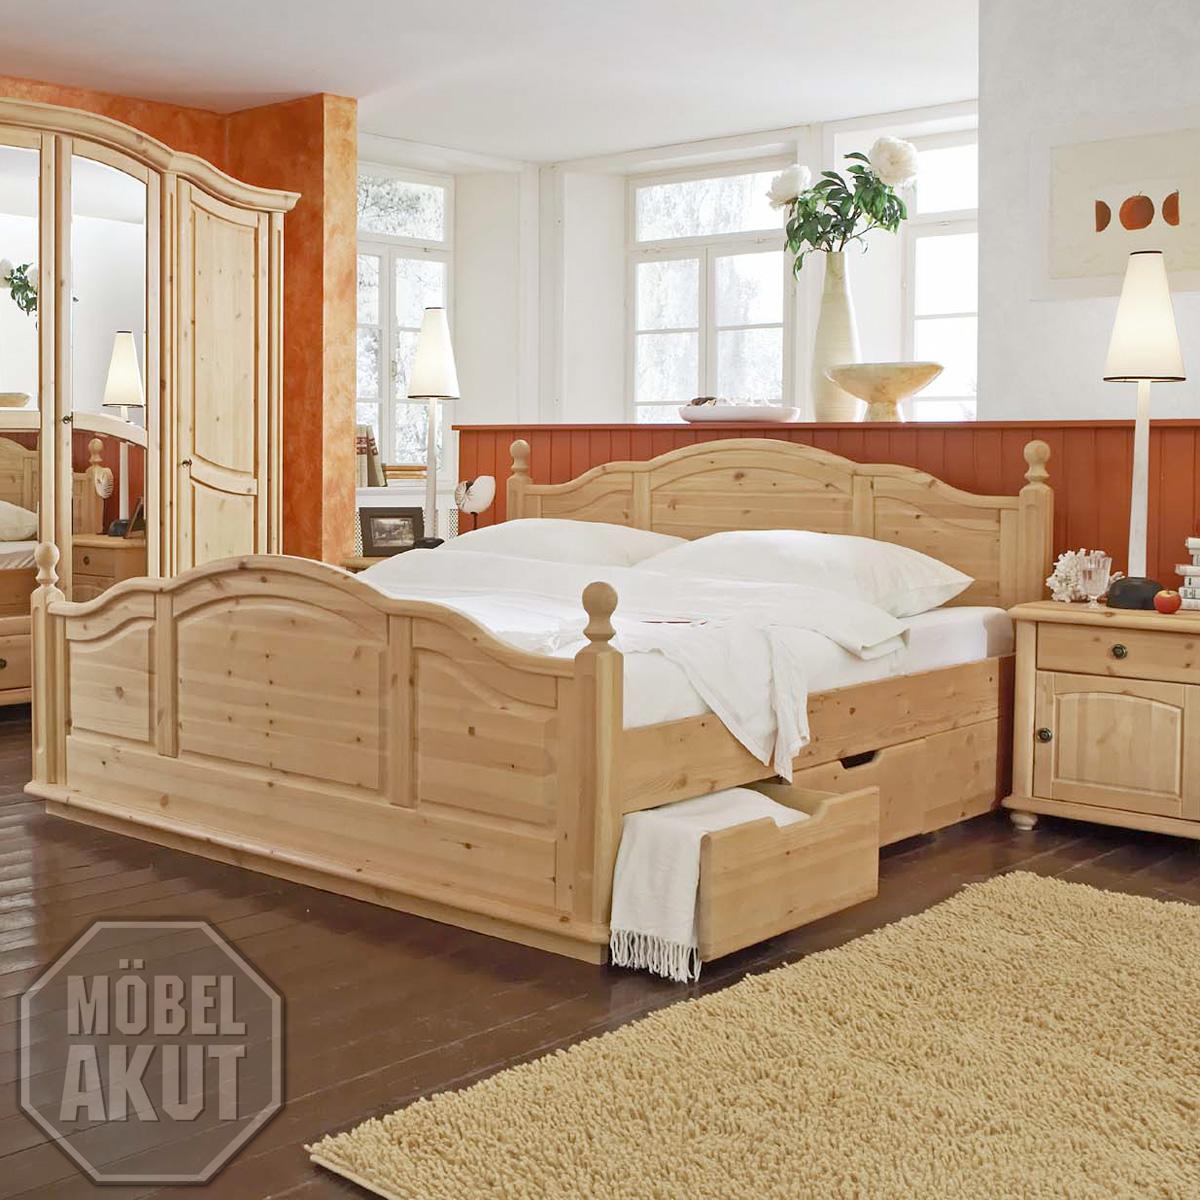 Schlafzimmer Landhausstil Sammlung : Schlafzimmer landhausstil kiefer sammlung von haus